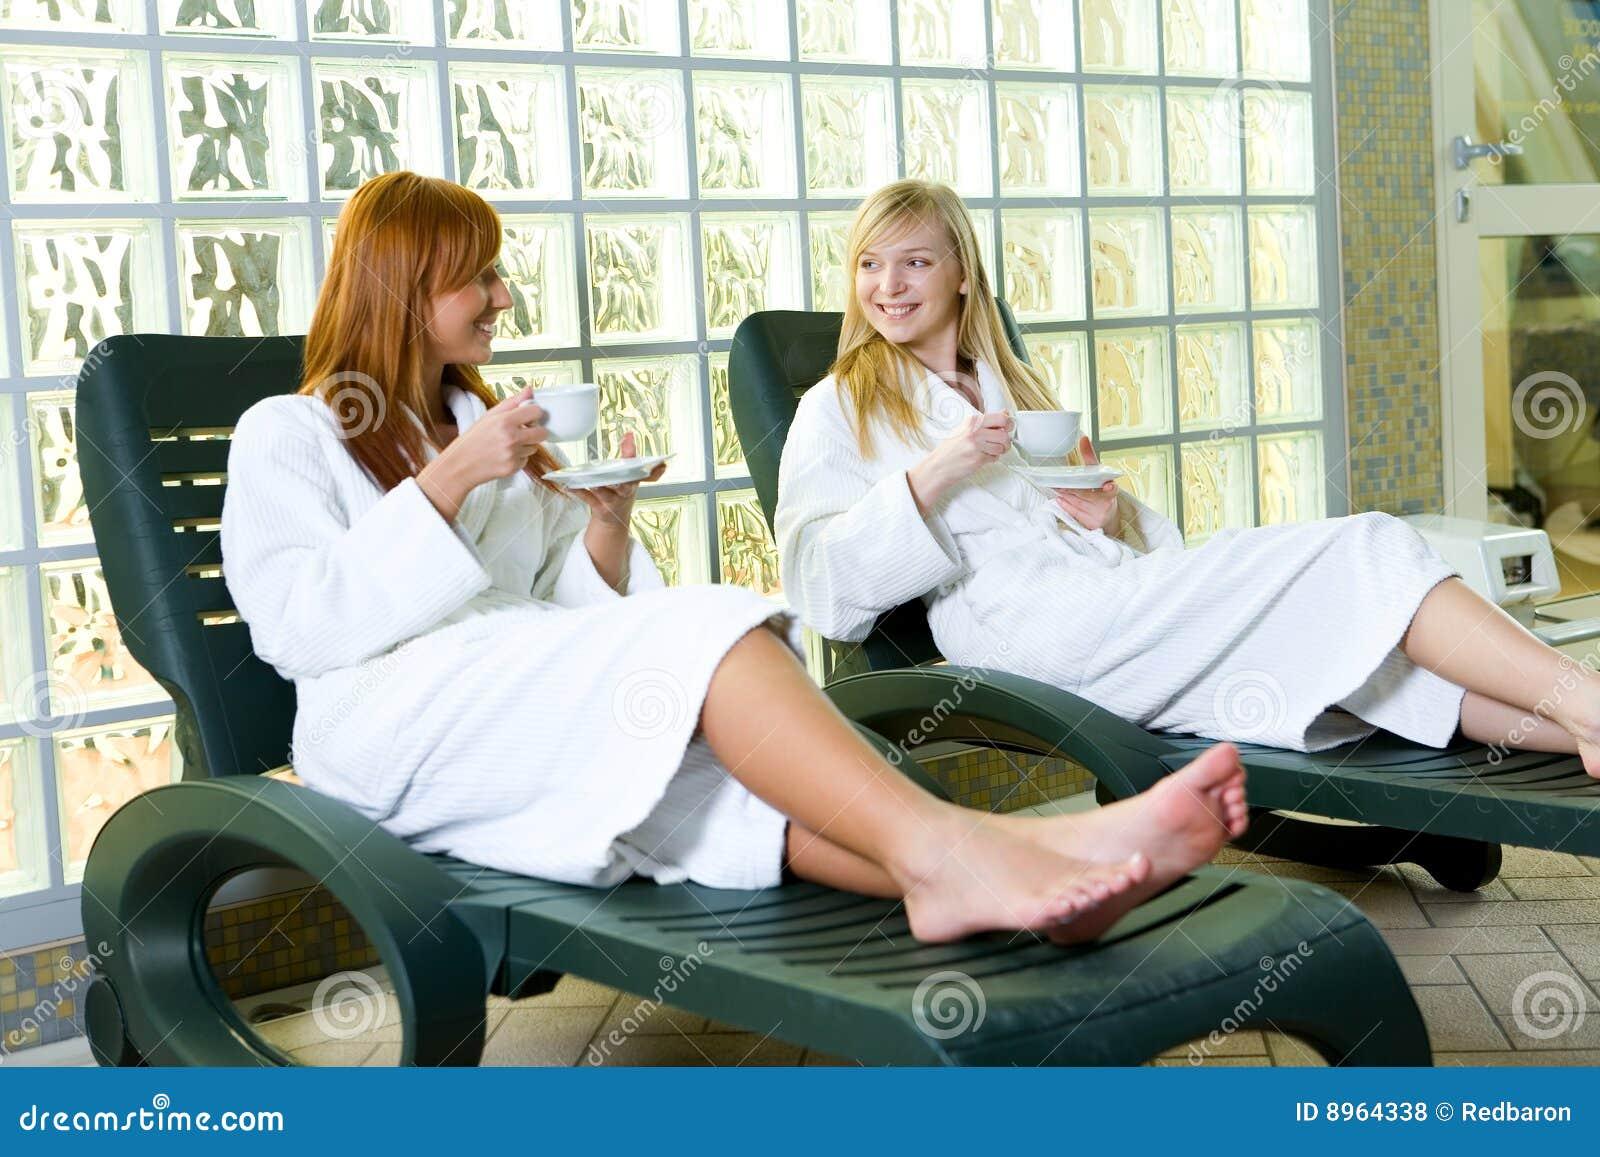 Relaxamento em um deckchair